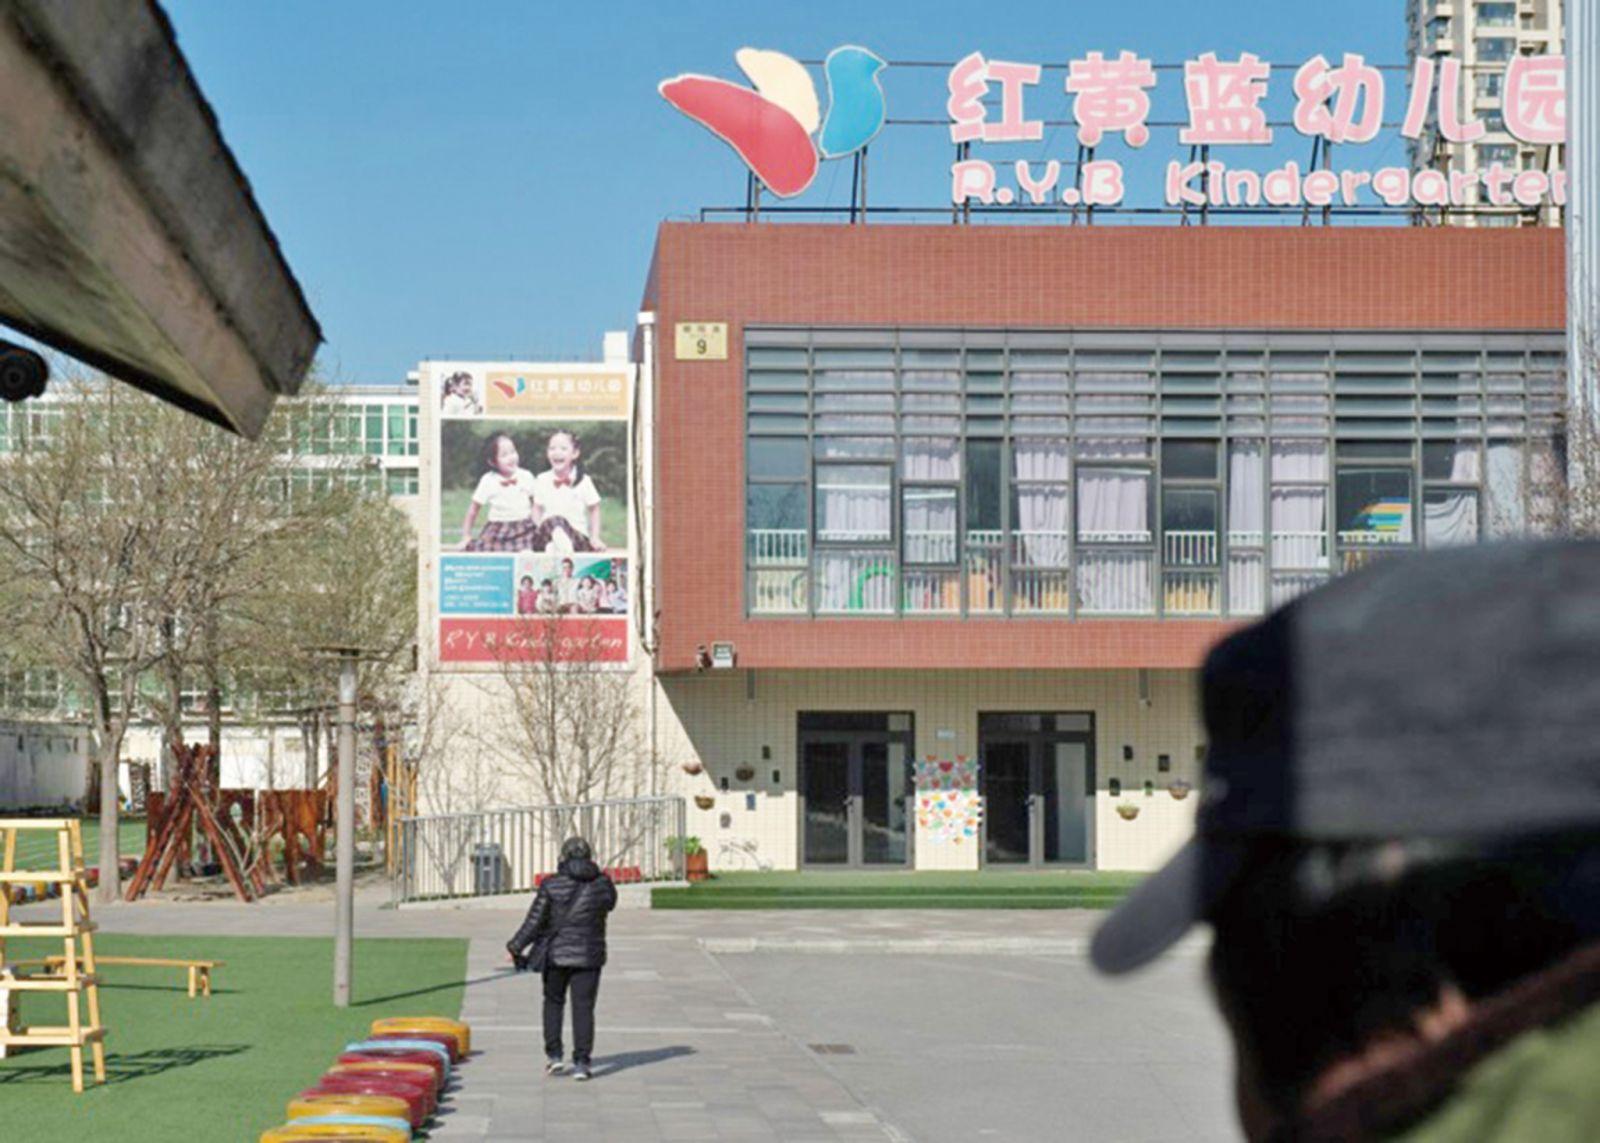 紅黃藍幼兒園虐童案 檢方提起公訴 - 澳門力報官網